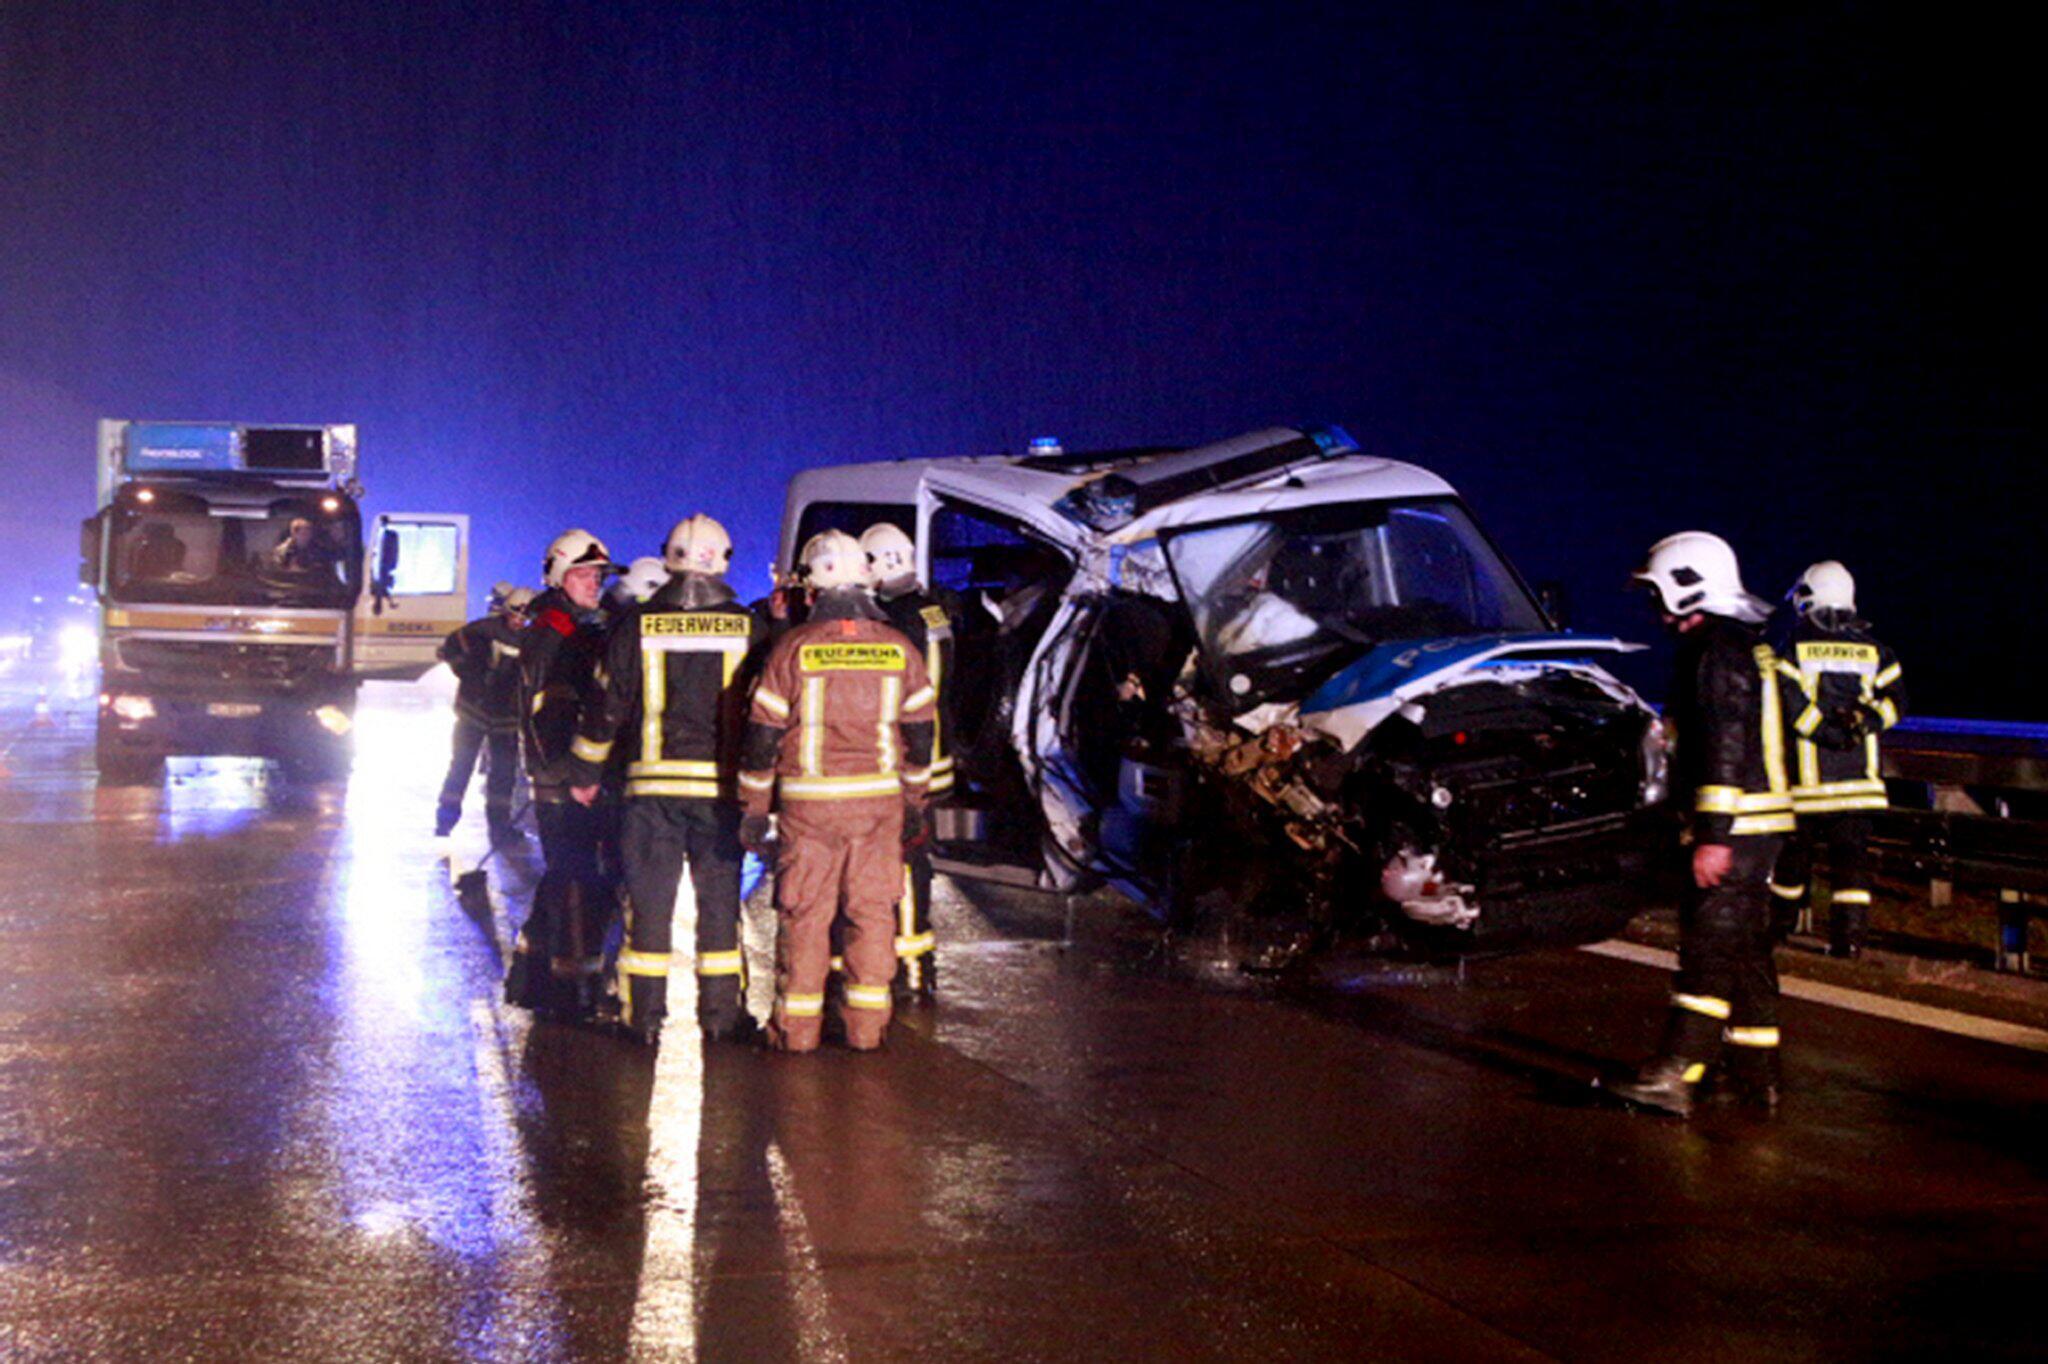 Bild zu Polizeiauto rammt Lkw in Rettungsgasse